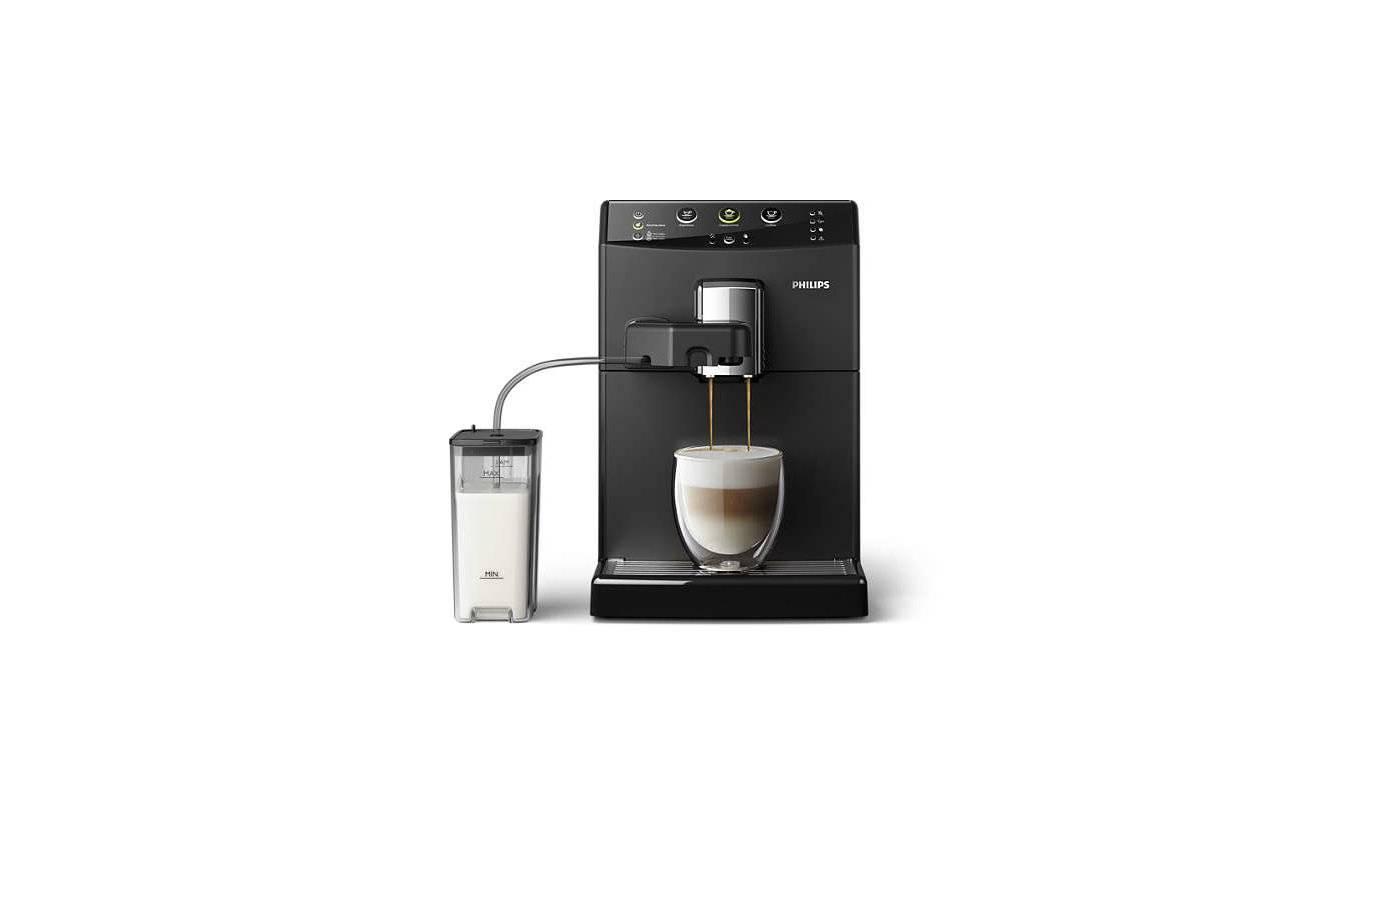 Выбор кофеварки philips: главные критерии для успешной покупки, особенности и виды моделей от филипс, рейтинг лучших моделей